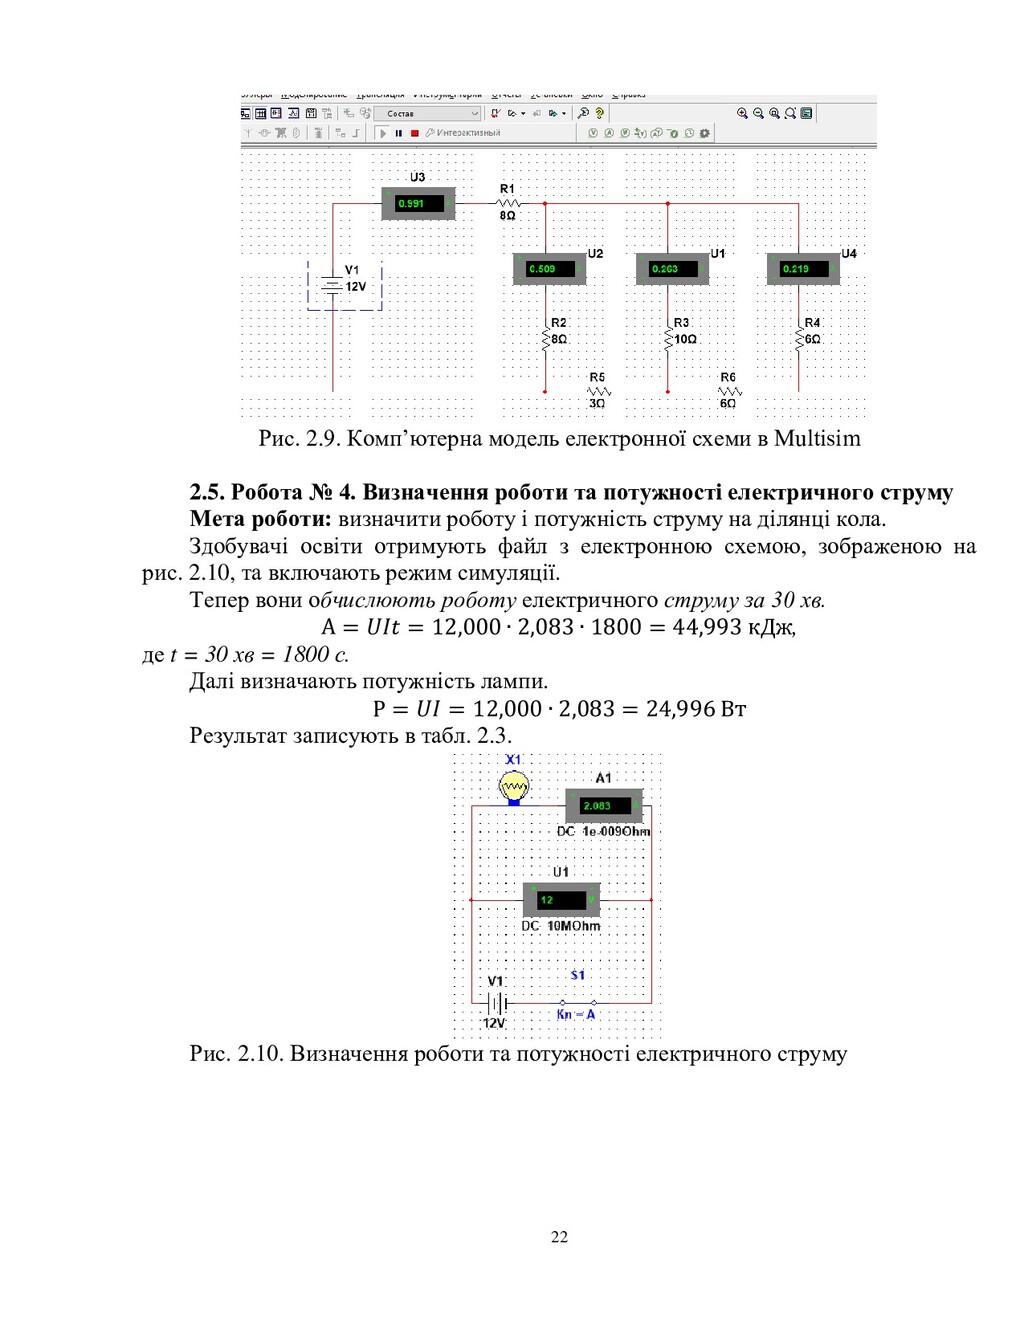 22 Рис. 2.9. Комп'ютерна модель електронної схе...